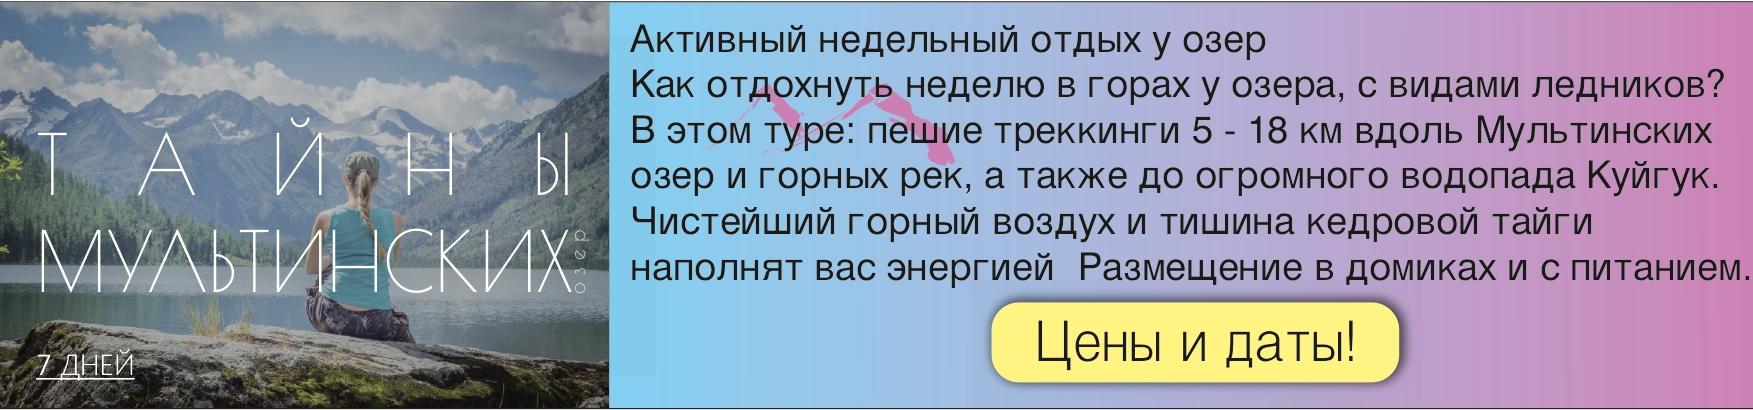 Тайны Мультинских озер_